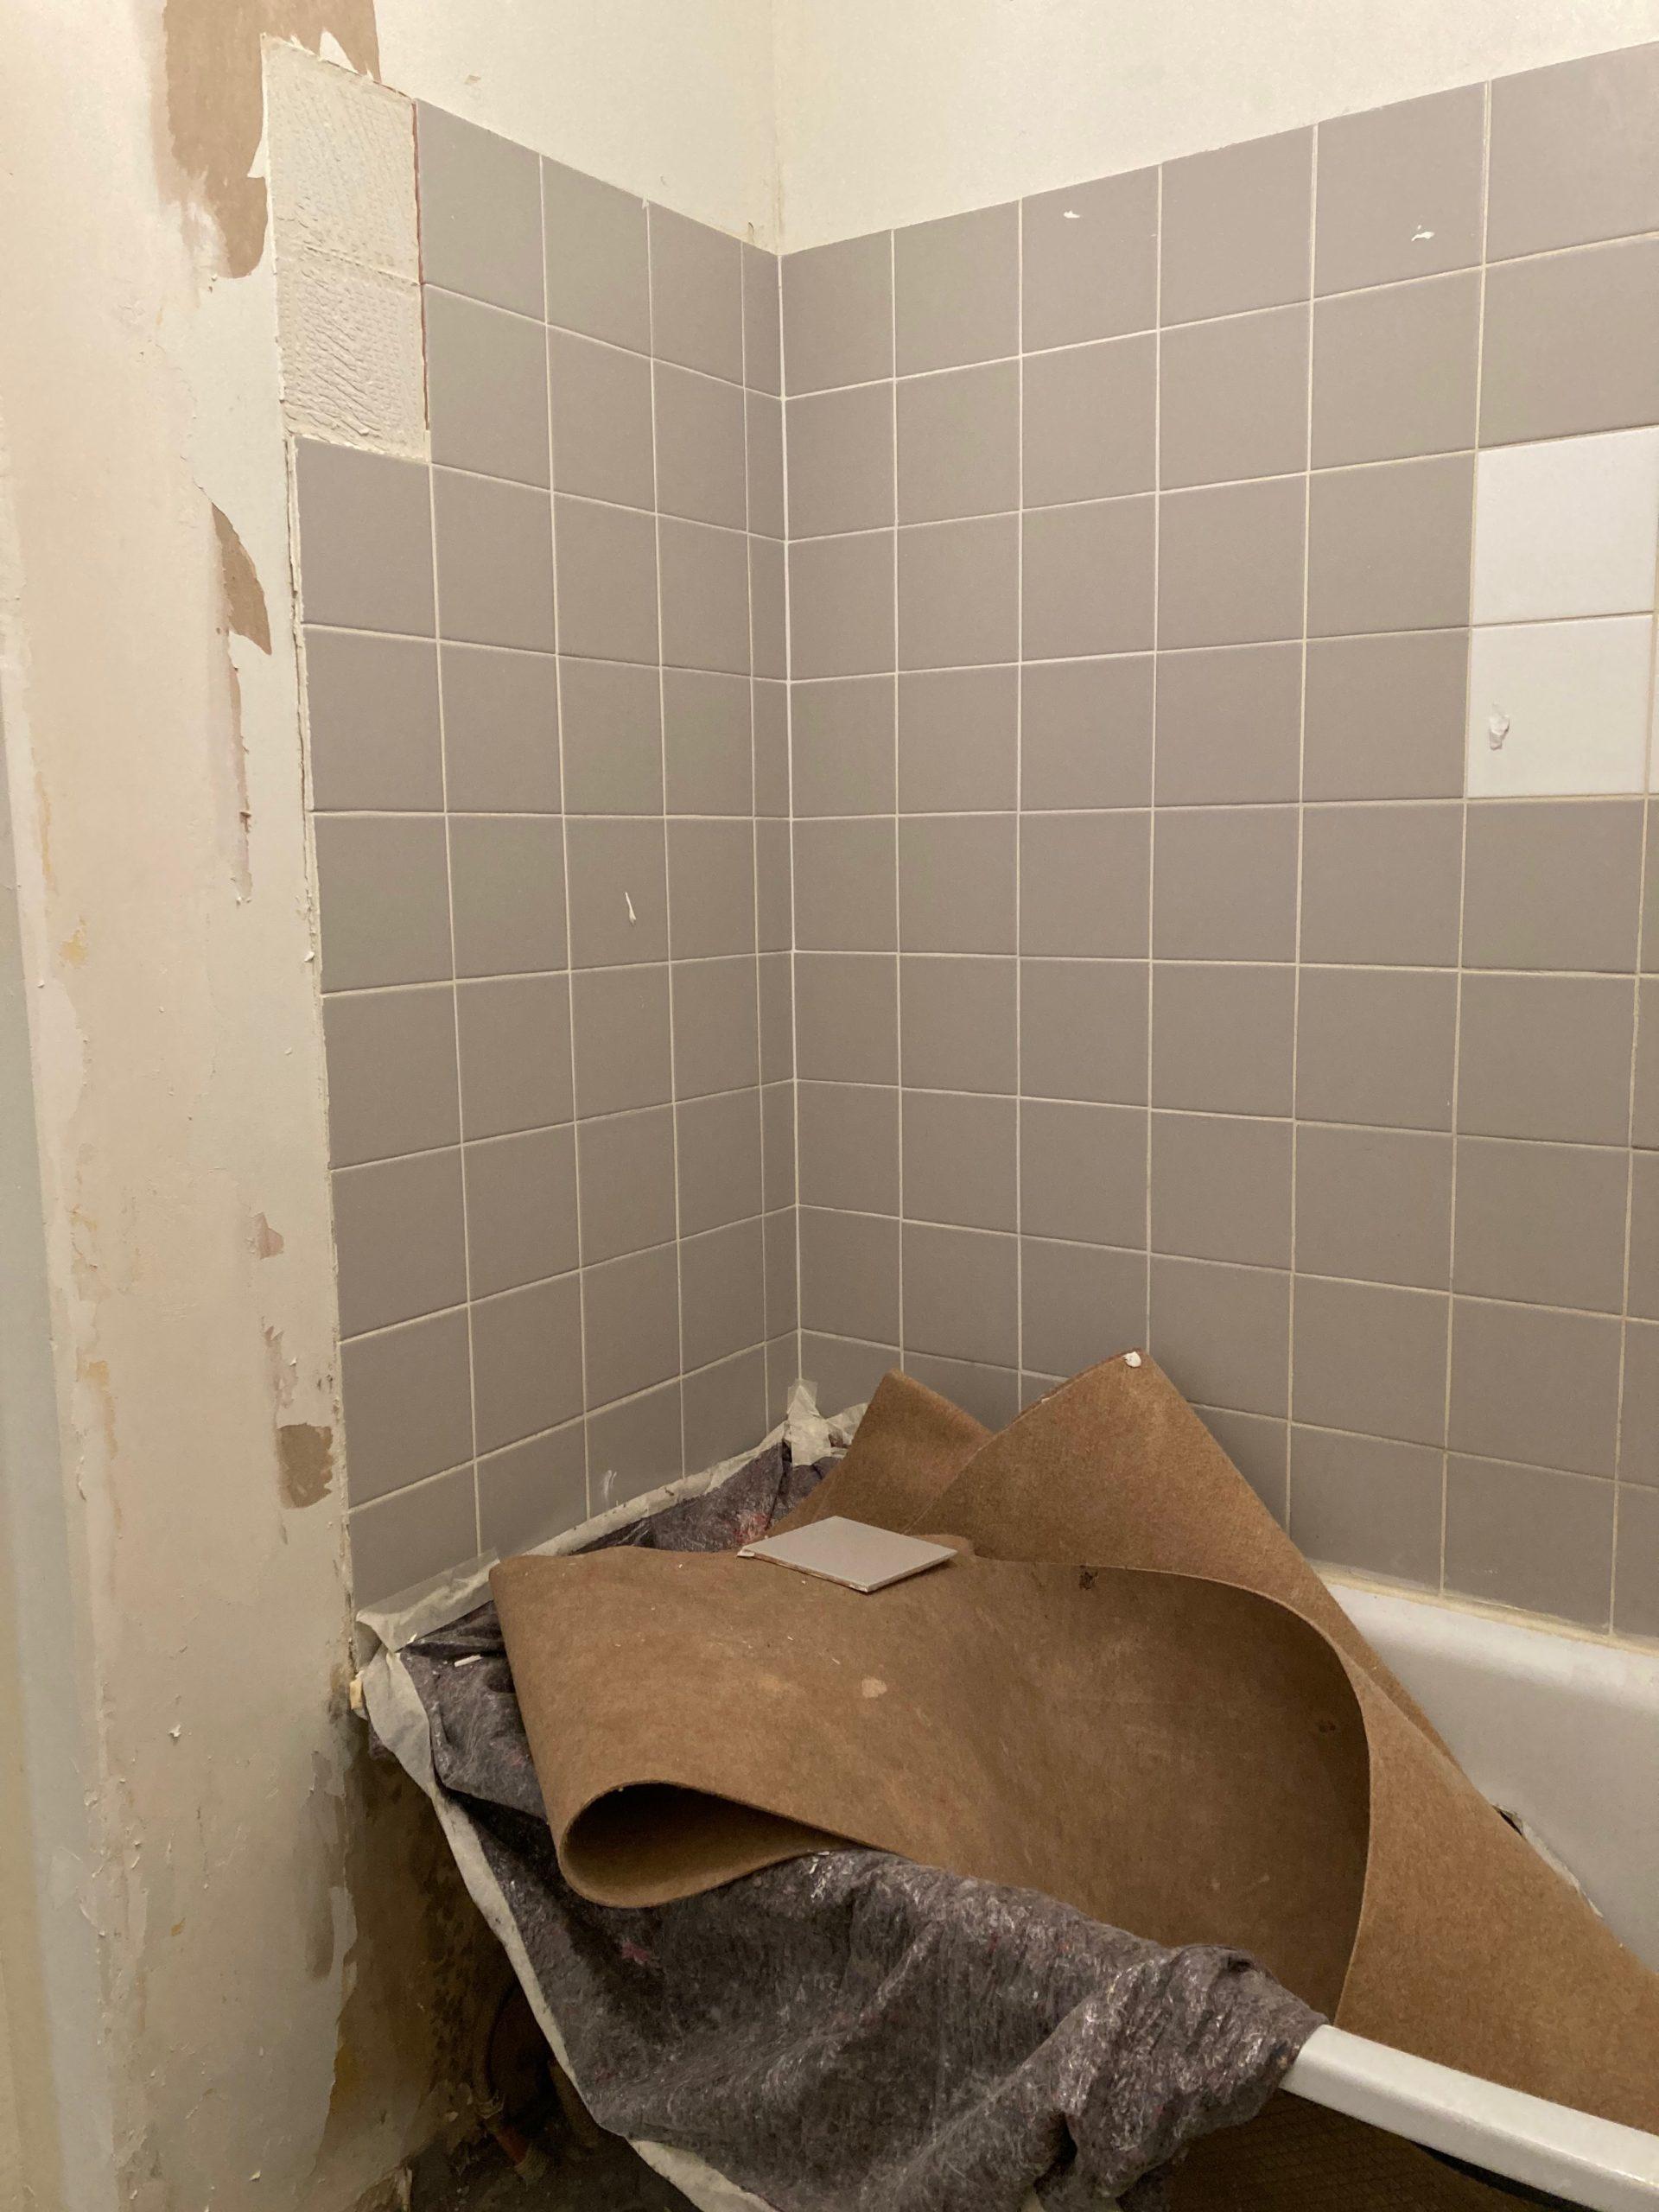 démolition salle de bain